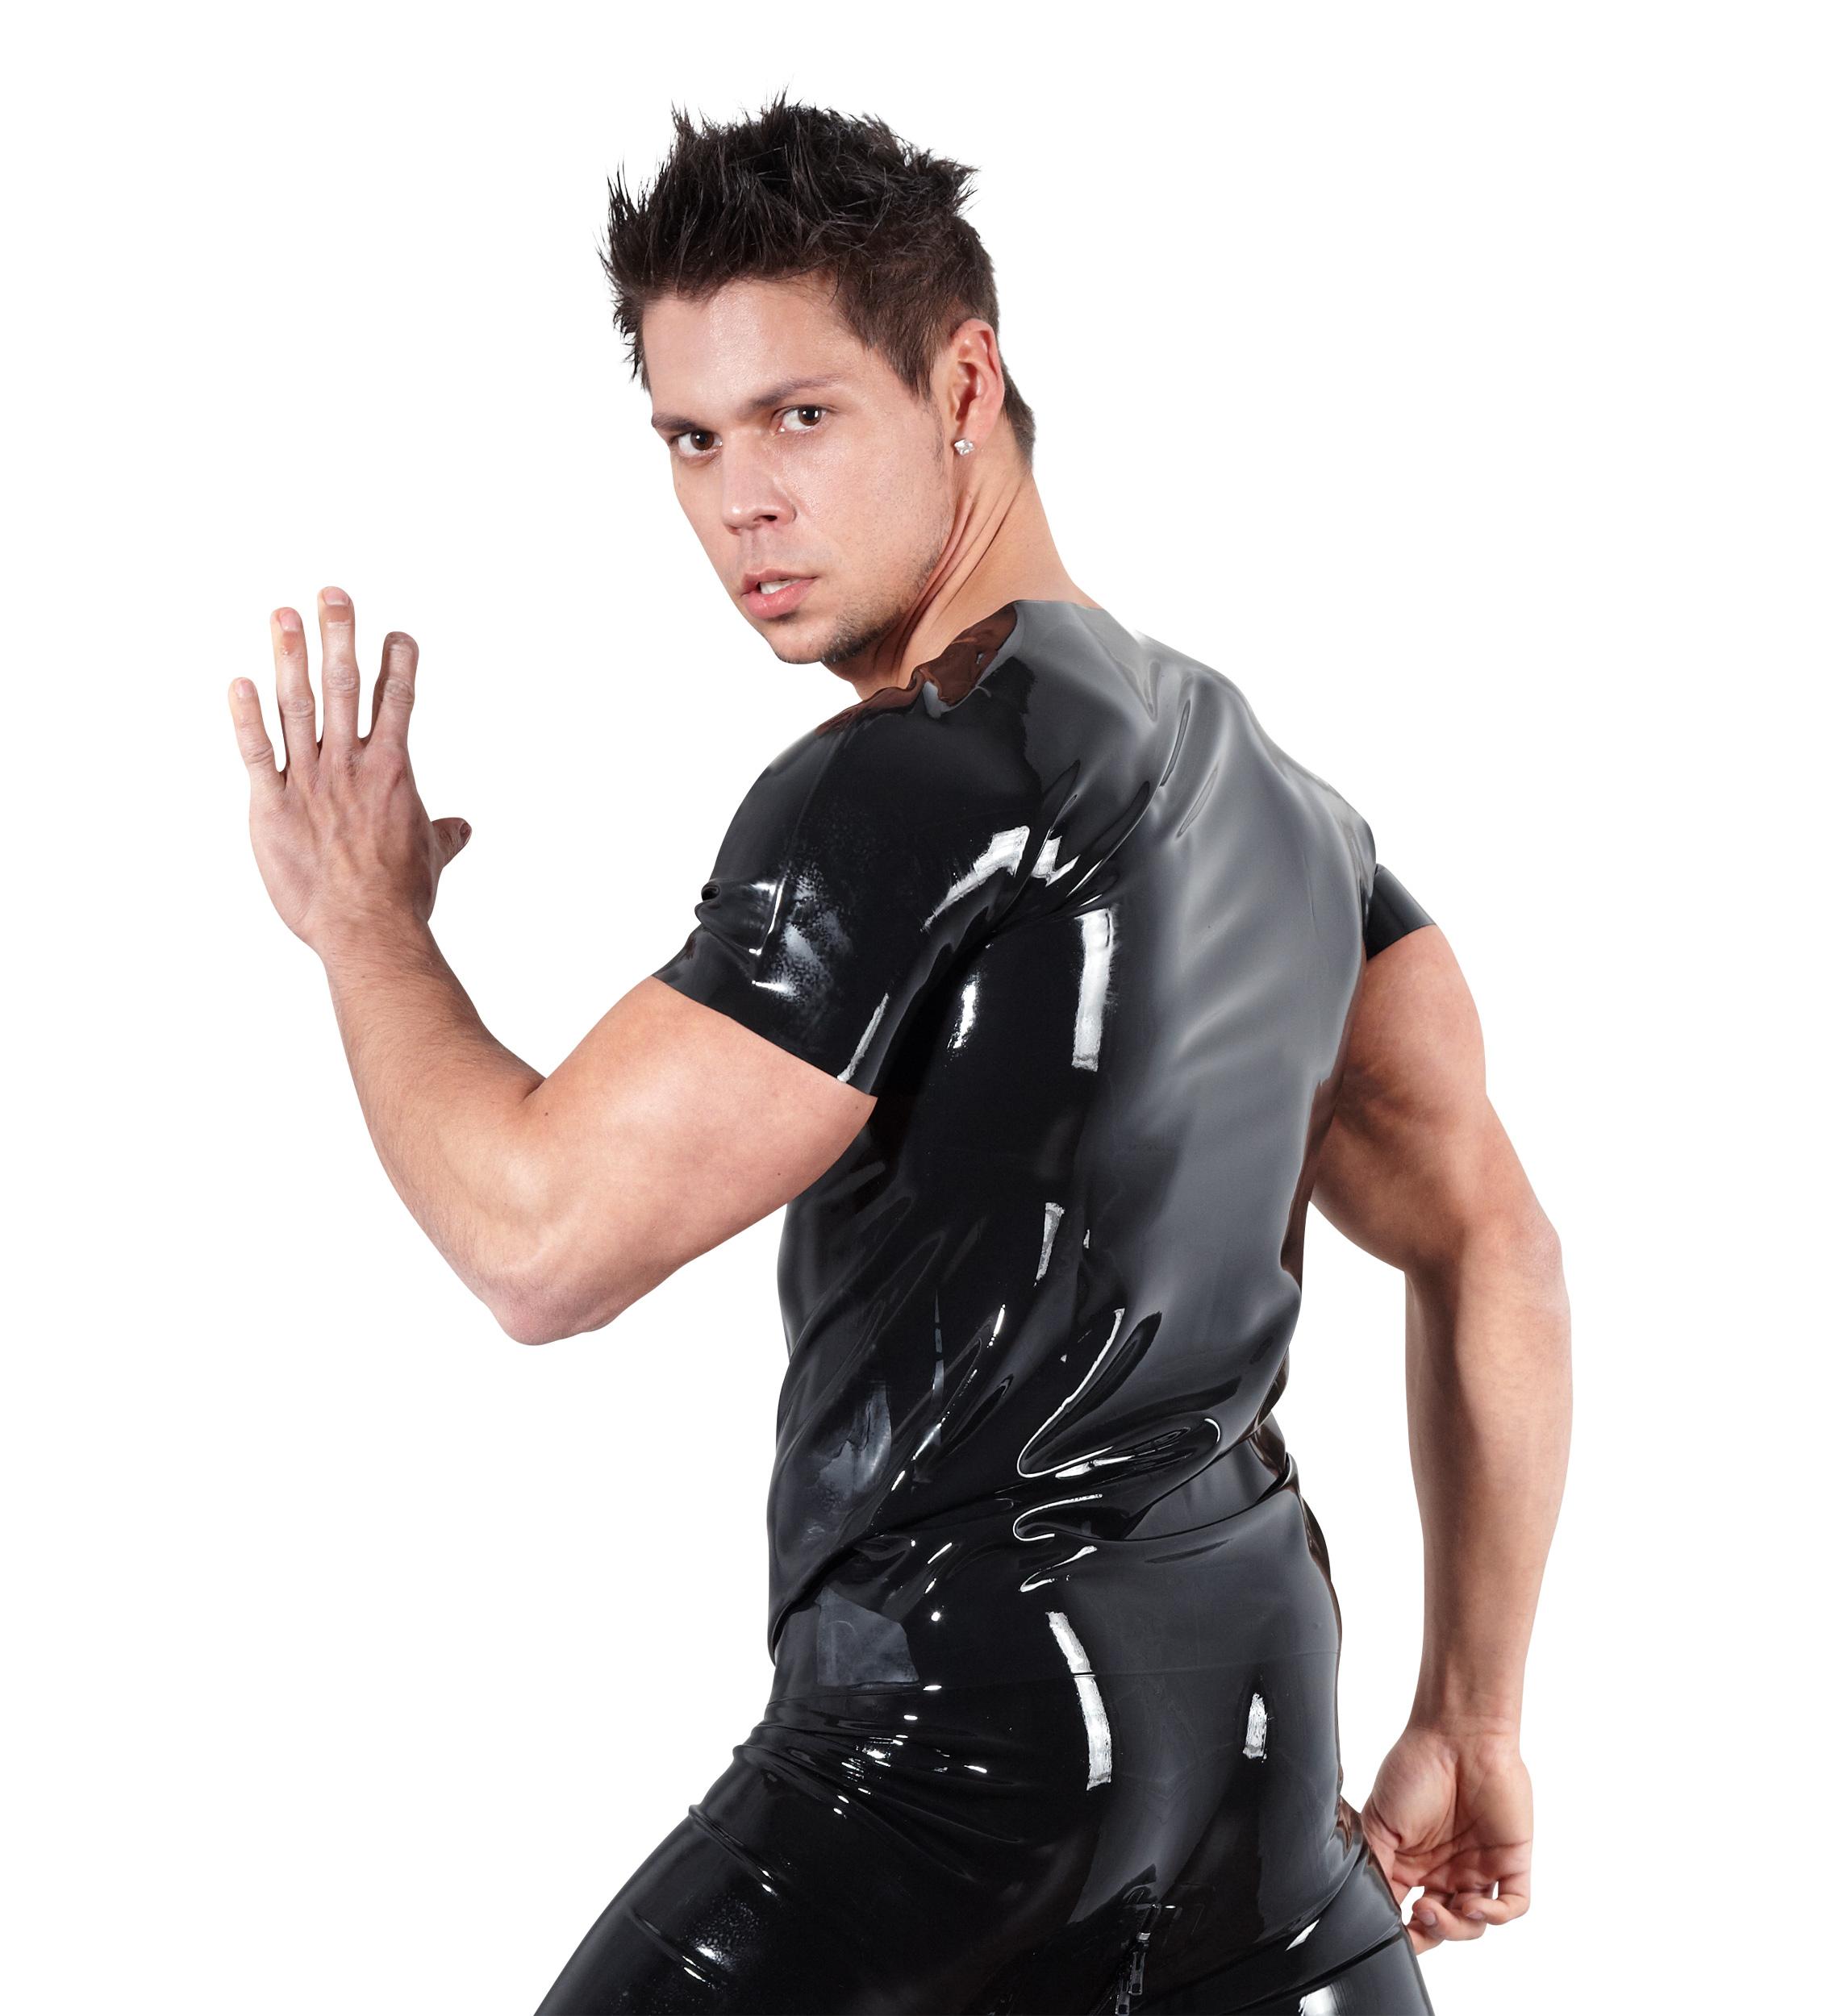 Latex Unisex T-shirt | LINGERIE & KLÄDER, KLÄDER KILLE, Tröjor & Västar, Brands, Late-X, FETISHKLÄDER TJEJ, Fetish Body & Playsuits, Fetishkläder för honom | Intimast.se - Sexleksaker